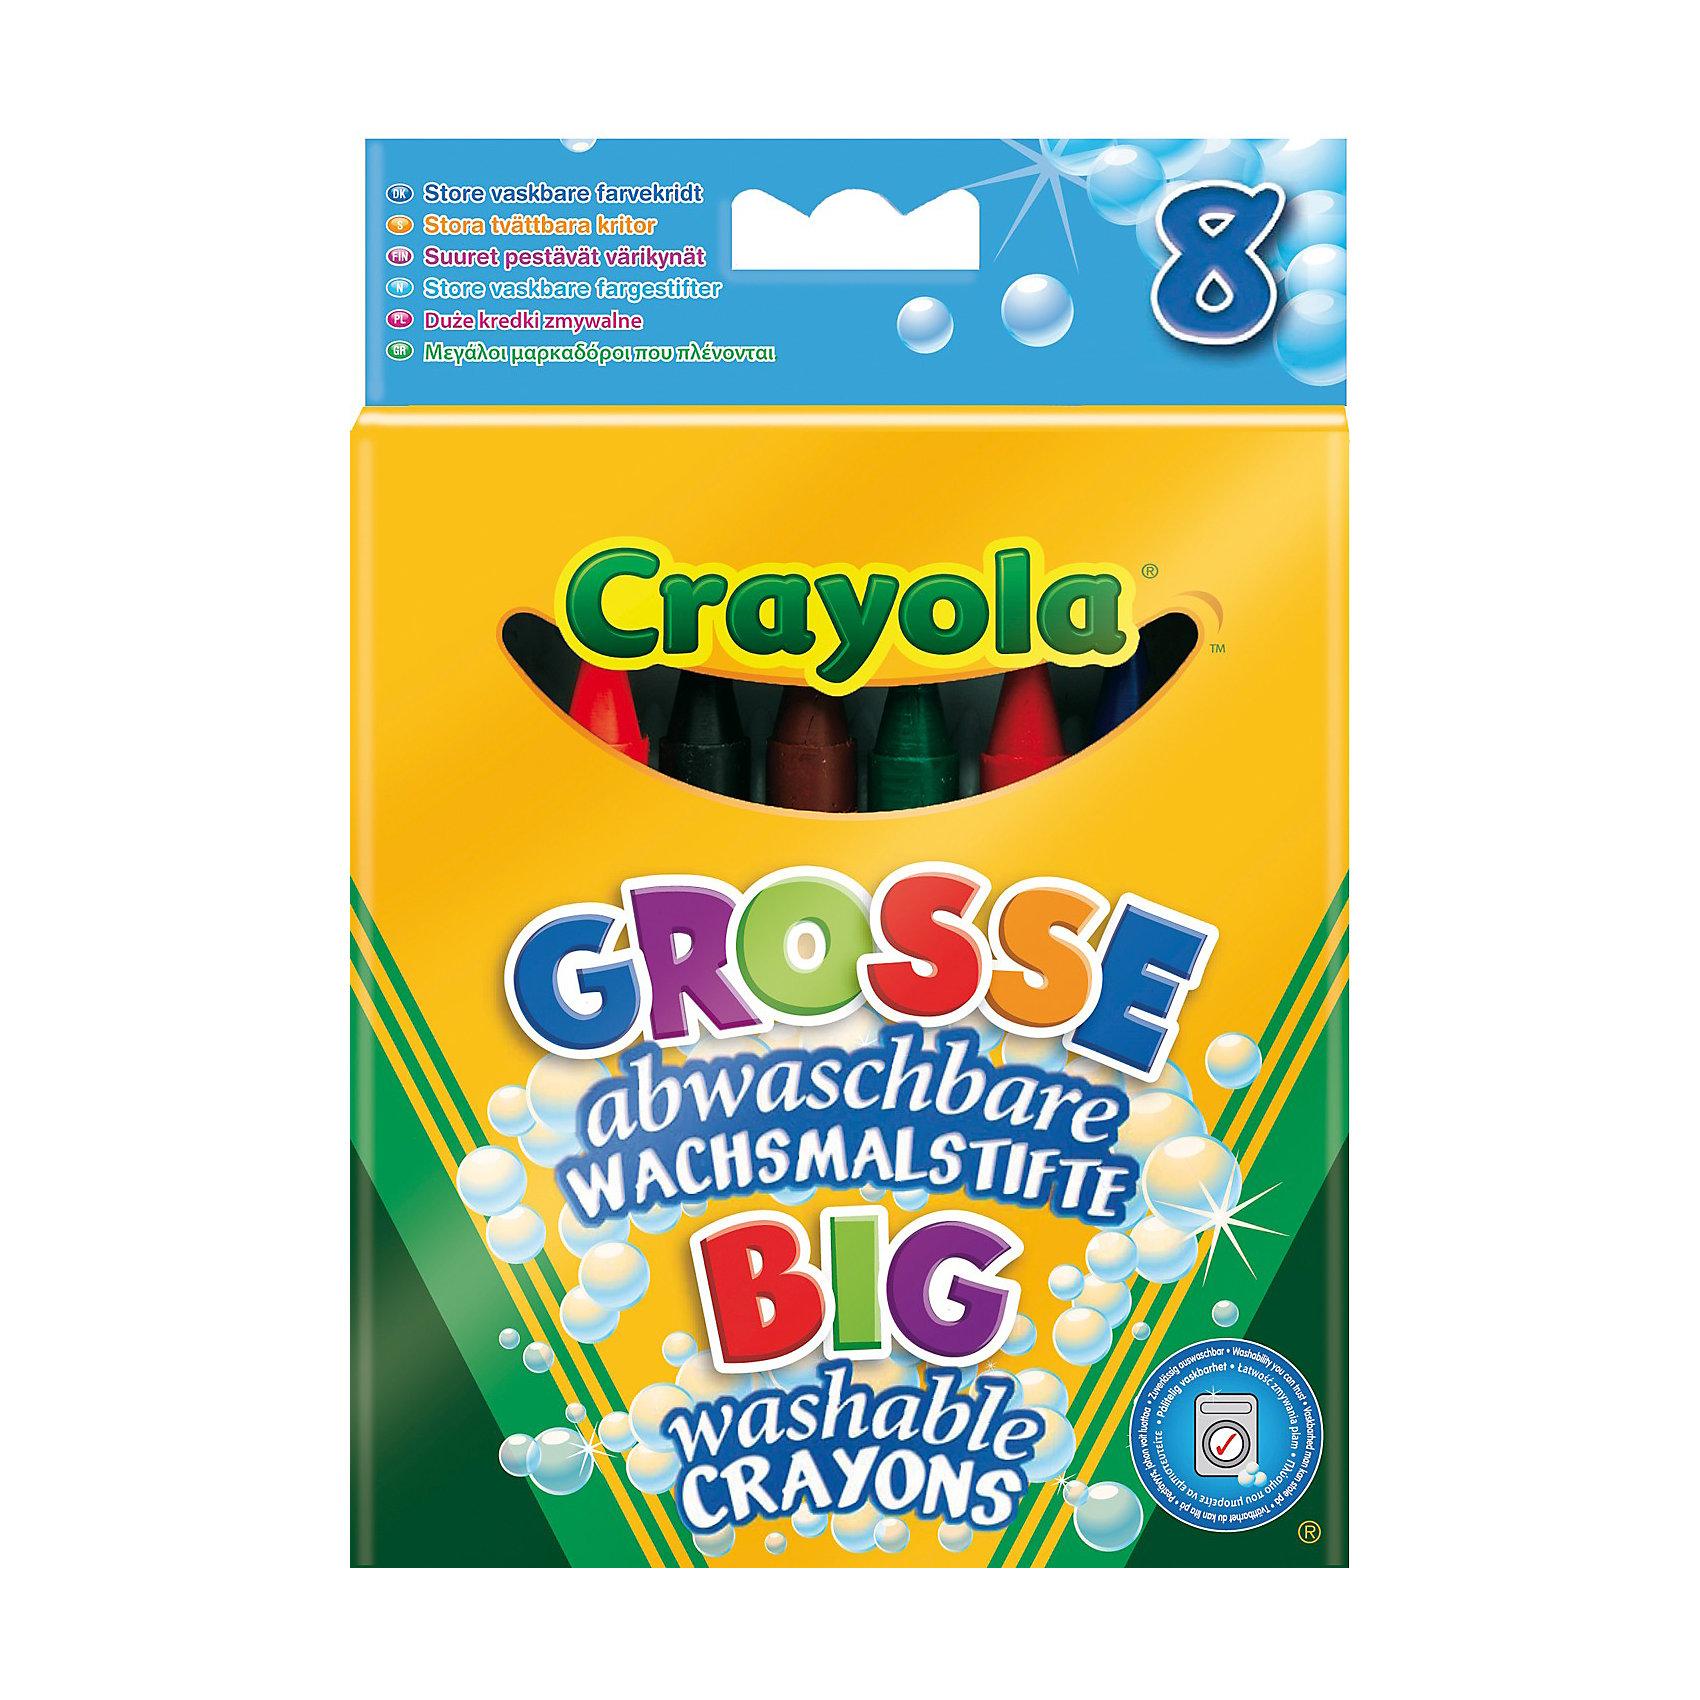 8  больших смываемых восковых мелков, Crayola8  больших смываемых восковых мелков, Crayola.<br><br>С тем, что занятие творчеством чрезвычайно полезно для малышей, вряд ли кто-то будет спорить. К тому же все детки очень любят рисовать, лепить, раскрашивать. Однако мамам прекрасно известно, как нелегко бывает отмыть юного художника после этих занятий. Очень часто детки увлекаются рисованием настолько, что и одежда, и руки, и лицо, а часто еще и мебель, оказываются перепачканными.    <br>Однако, если вы будете использовать для занятий продукцию компании Crayola, то подобные побочные продукты творческого процесса вам не страшны.  Crayola позаботилась не только о малышах, но и об их мамах! Карандаши, фломастеры и краски этой торговой марки легко смываются.   <br>Если вашему ребенку уже исполнилось два года, мы можем посоветовать приобрести для него набор из 8 больших смываемых восковых мелков. Каждый такой мелок завернут в отдельную бумажную упаковку, поэтому во время рисования руки ребенка останутся чистыми. Но если все-таки следы мела попадут на одежду или другие предметы, от них можно будет легко избавиться с помощью теплой воды и мыла. Большие мелки, которые так удобно ложатся в маленькую ручку, прекрасно рисуют и не требуют сильного нажима. Вскоре ваш малыш порадует вас своими первыми яркими рисунками. Размер упаковки составляет 17 х 26,5 х 3,5 см.<br><br>Станет прекрасным подарком любому малышу!<br>Можно легко приобрести в нашем интернет магазине<br><br>Ширина мм: 176<br>Глубина мм: 123<br>Высота мм: 21<br>Вес г: 105<br>Возраст от месяцев: 36<br>Возраст до месяцев: 96<br>Пол: Унисекс<br>Возраст: Детский<br>SKU: 1755126